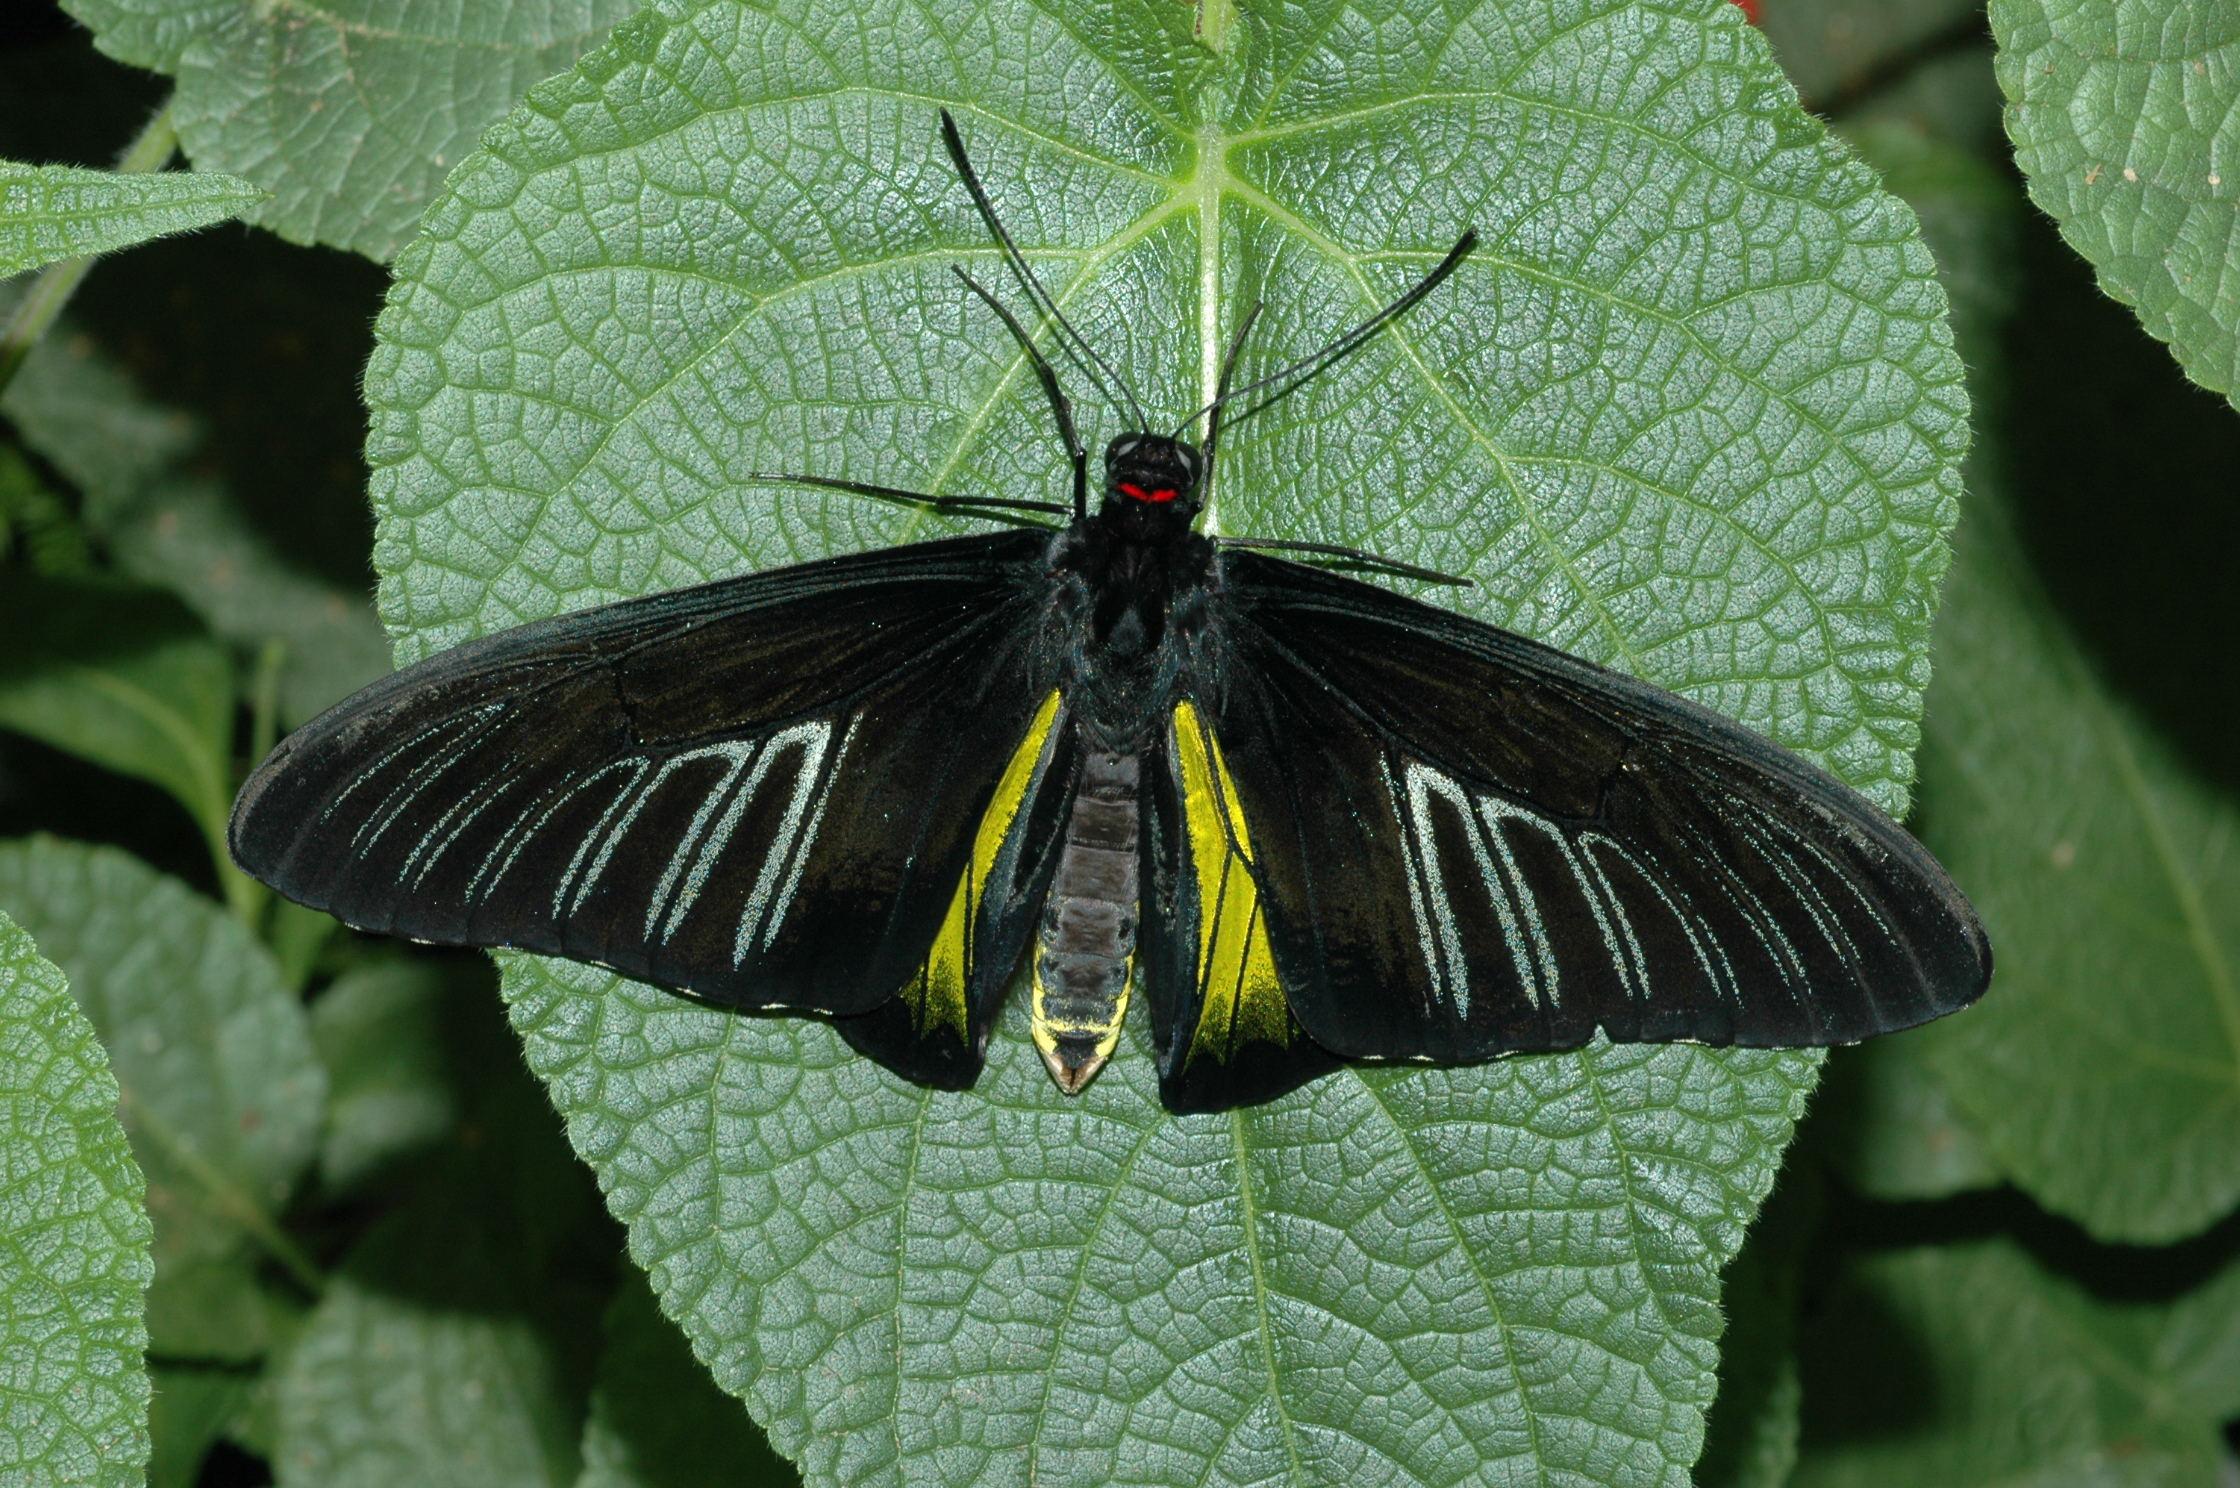 Troides rhadamantus space for life for Biodome insectarium jardin botanique